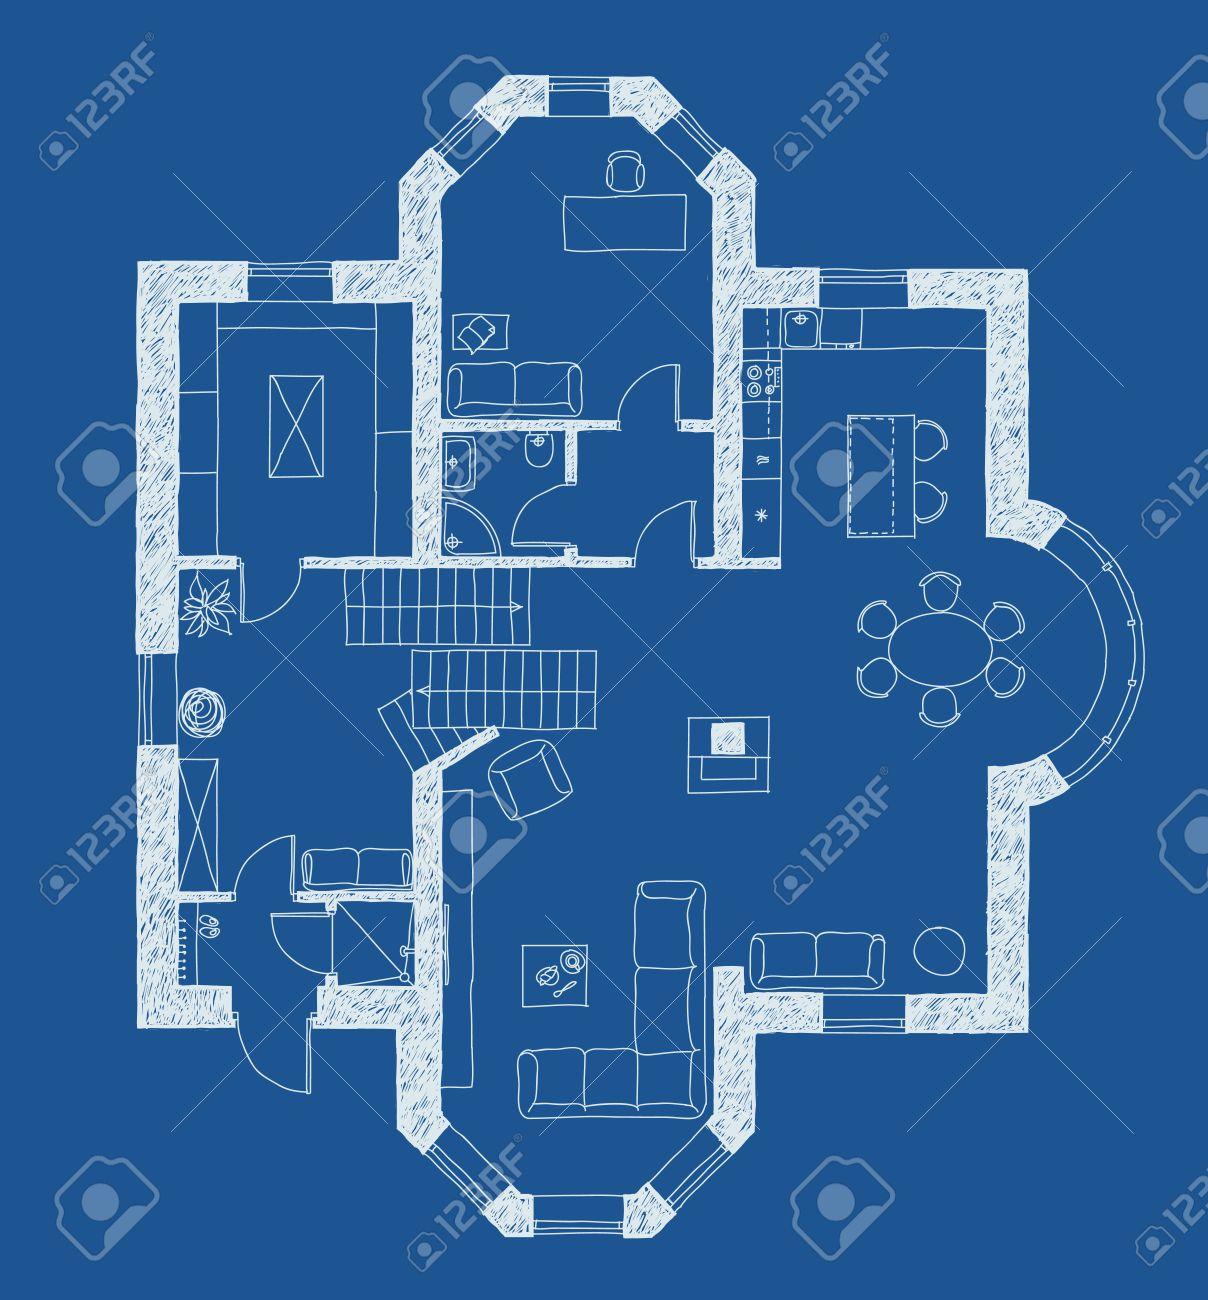 Amazing Dessin Plan Avec Des Meubles En Bleu Banque D With Comment Dessiner  Un Plan D Architecte